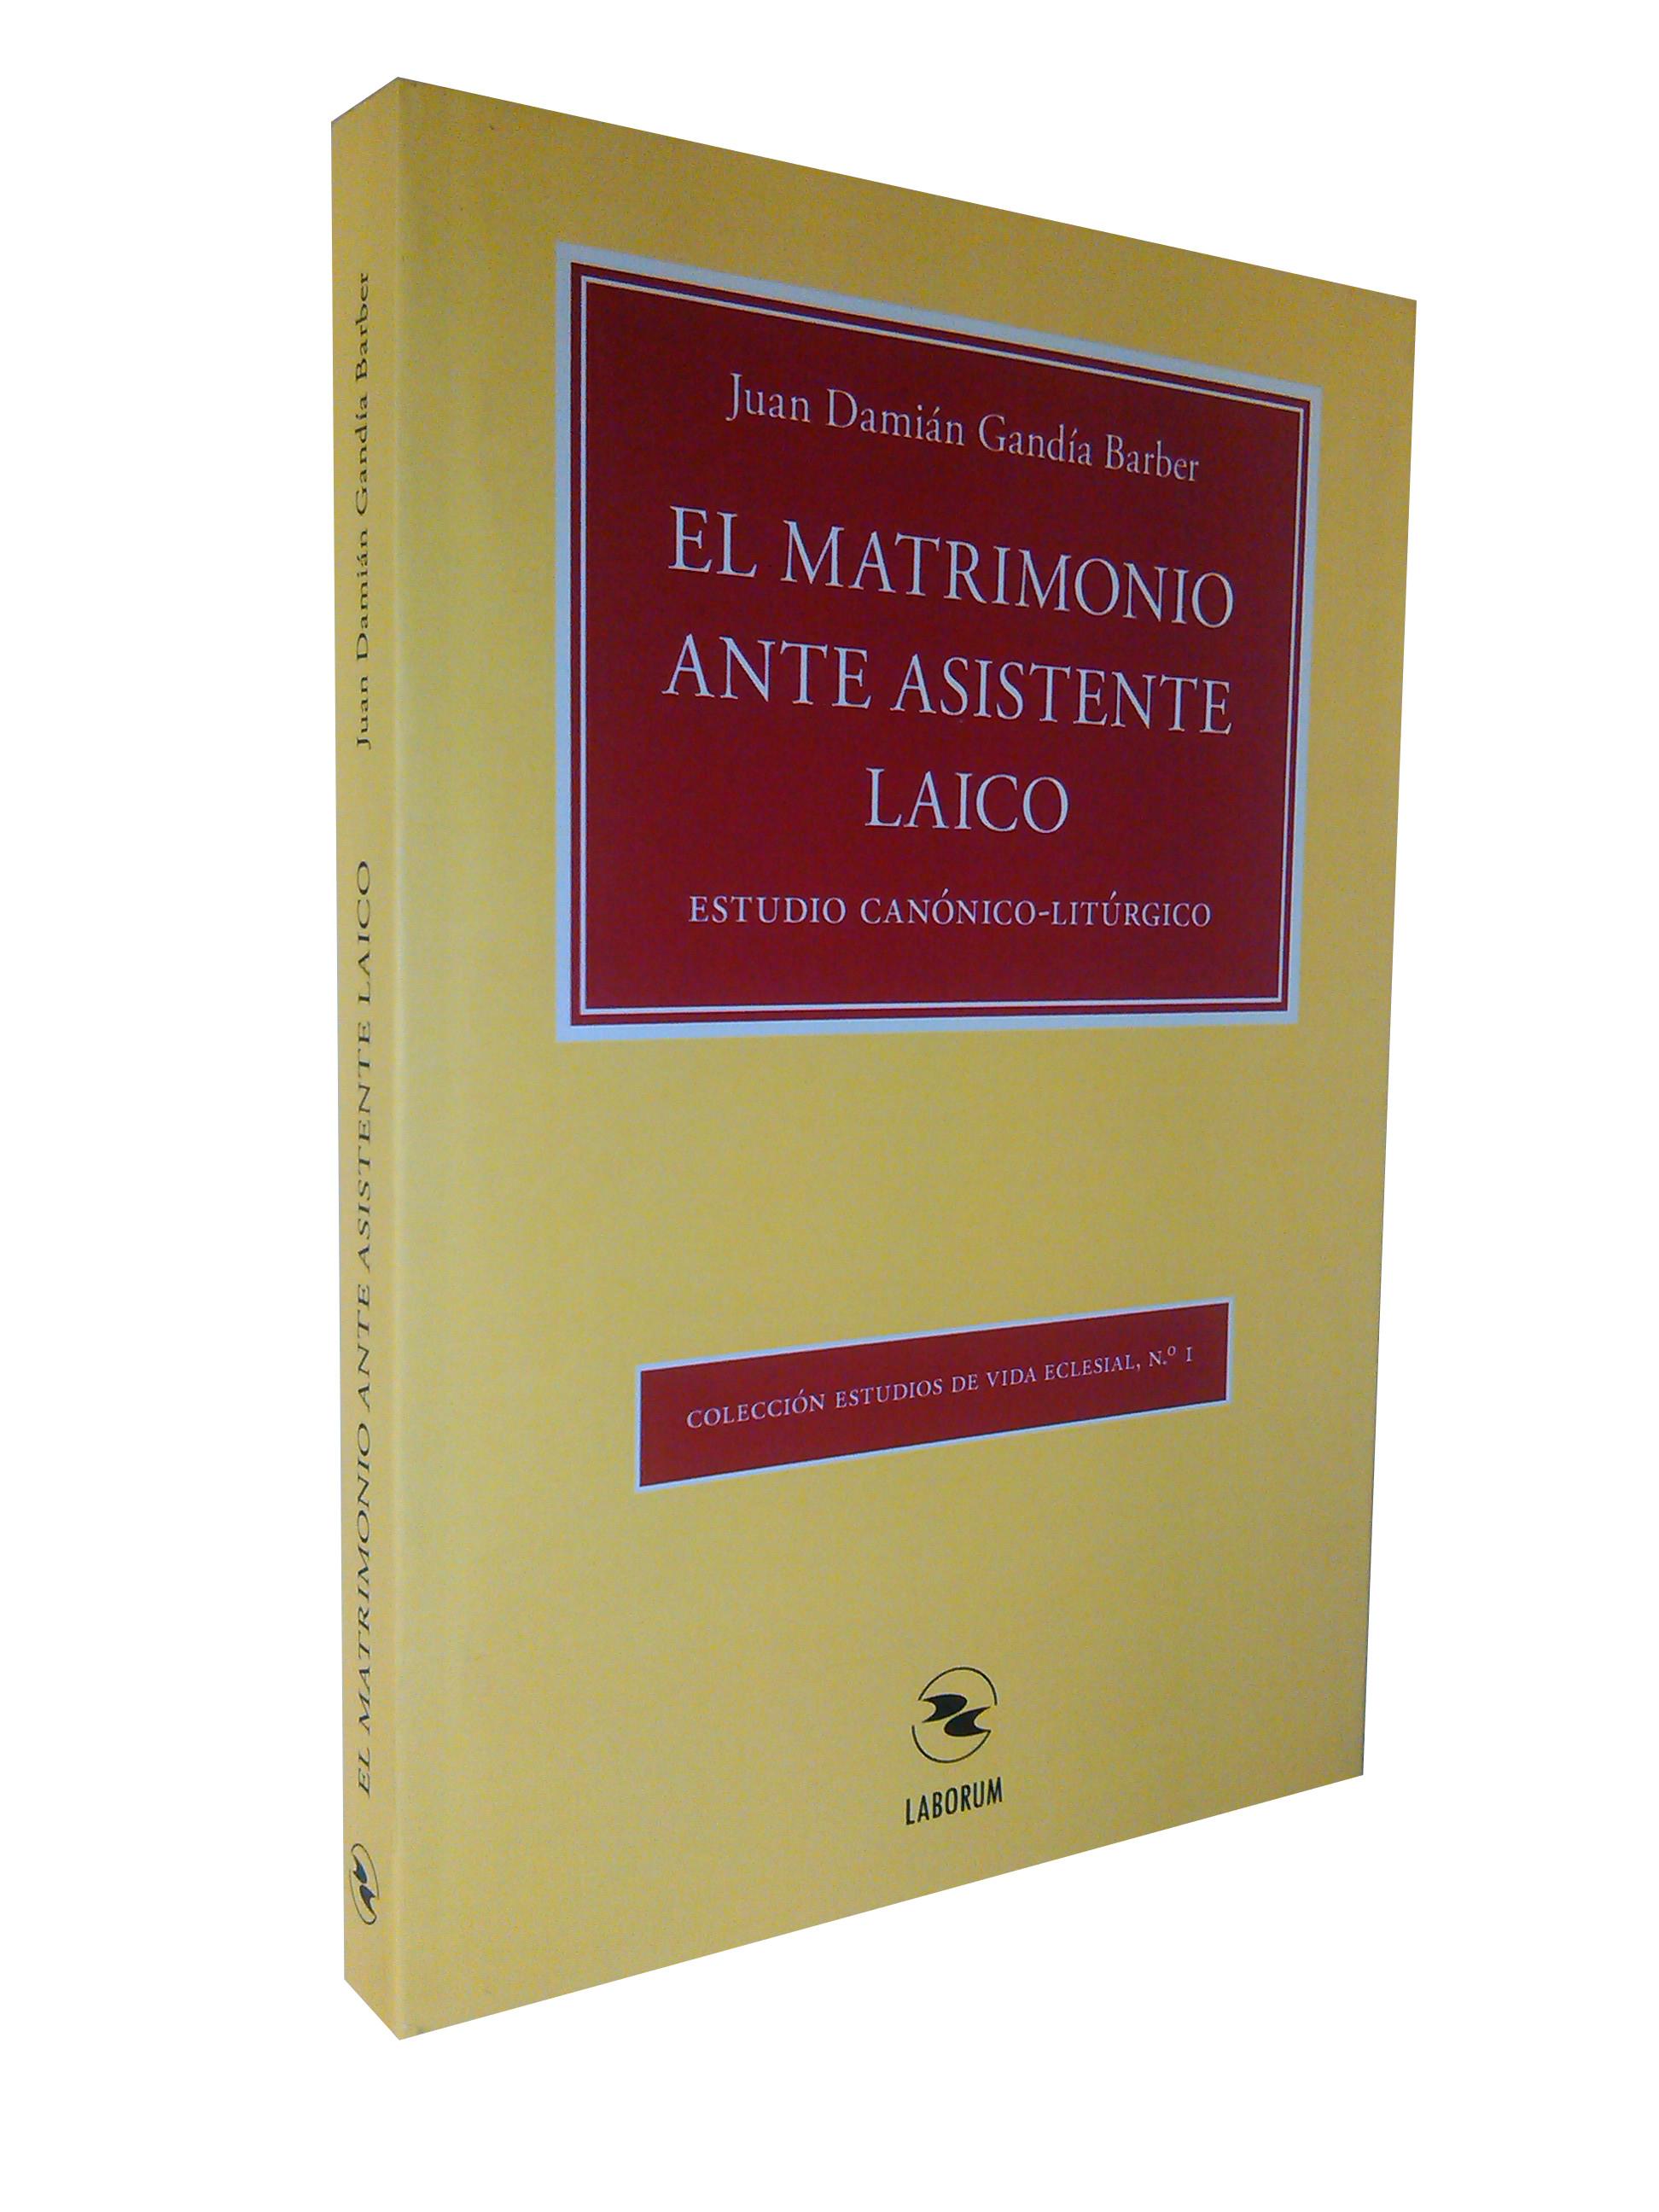 El matrimonio ante asistente laico : estudio canónico-litúrgico